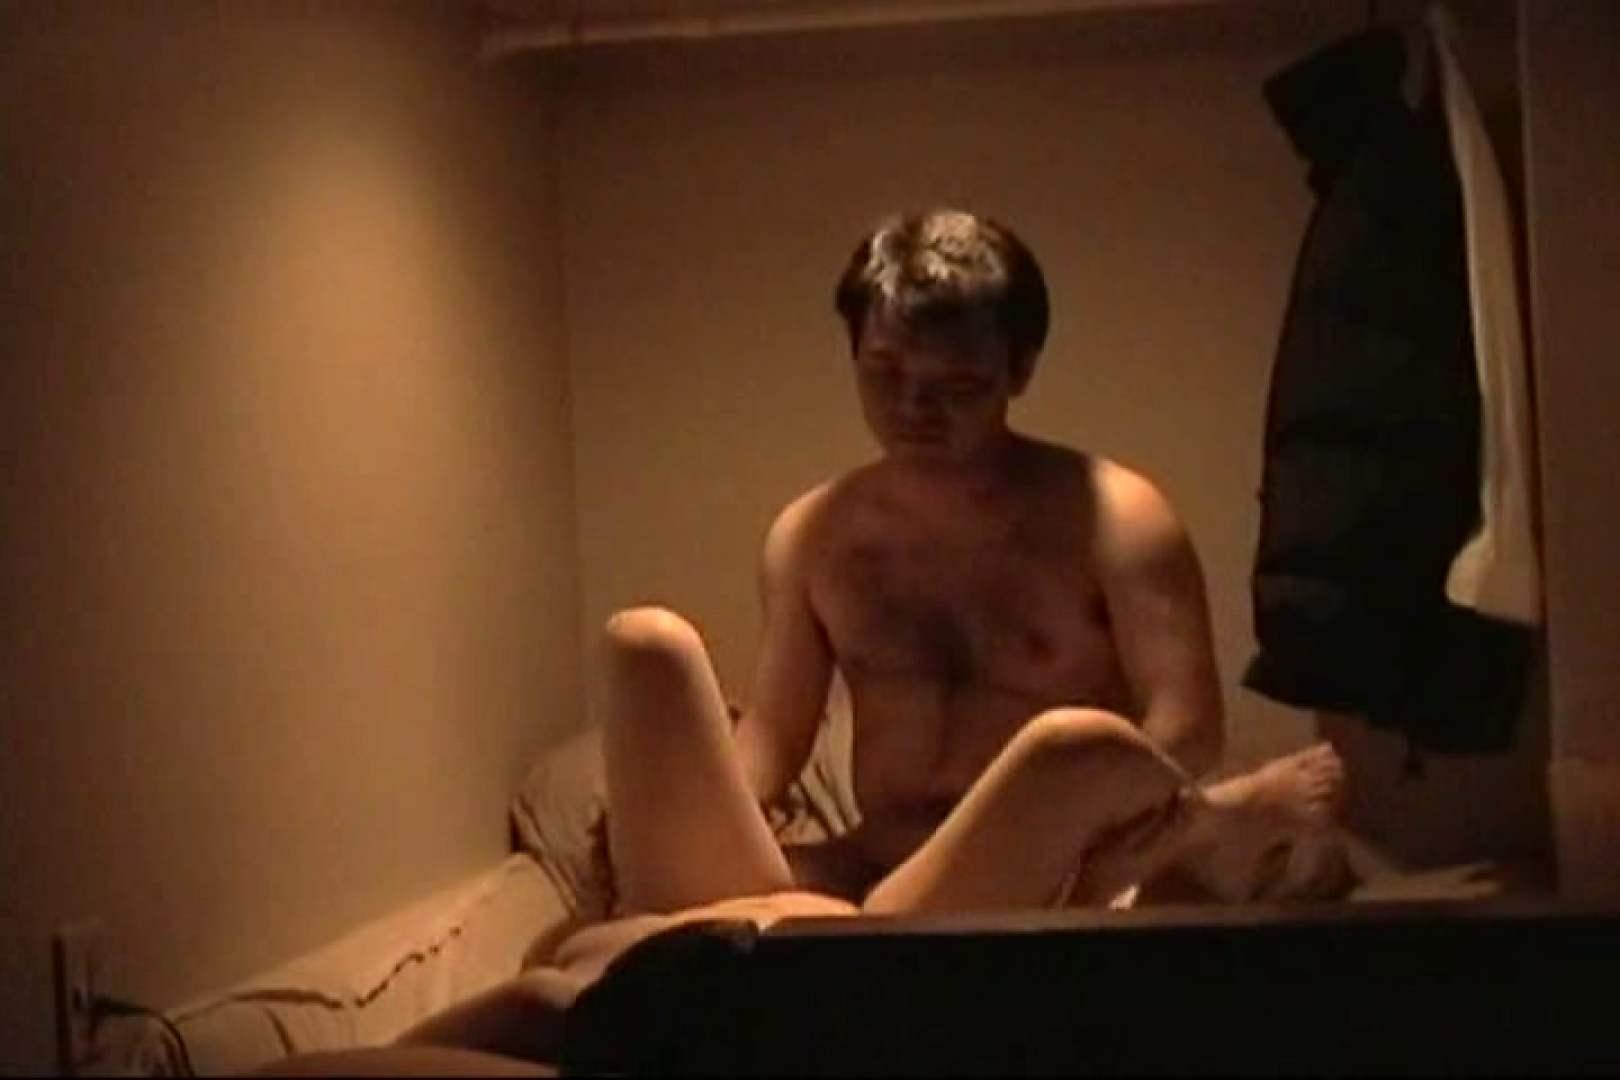 デリ嬢マル秘撮り本物投稿版③ 巨乳 | 投稿  54pic 49